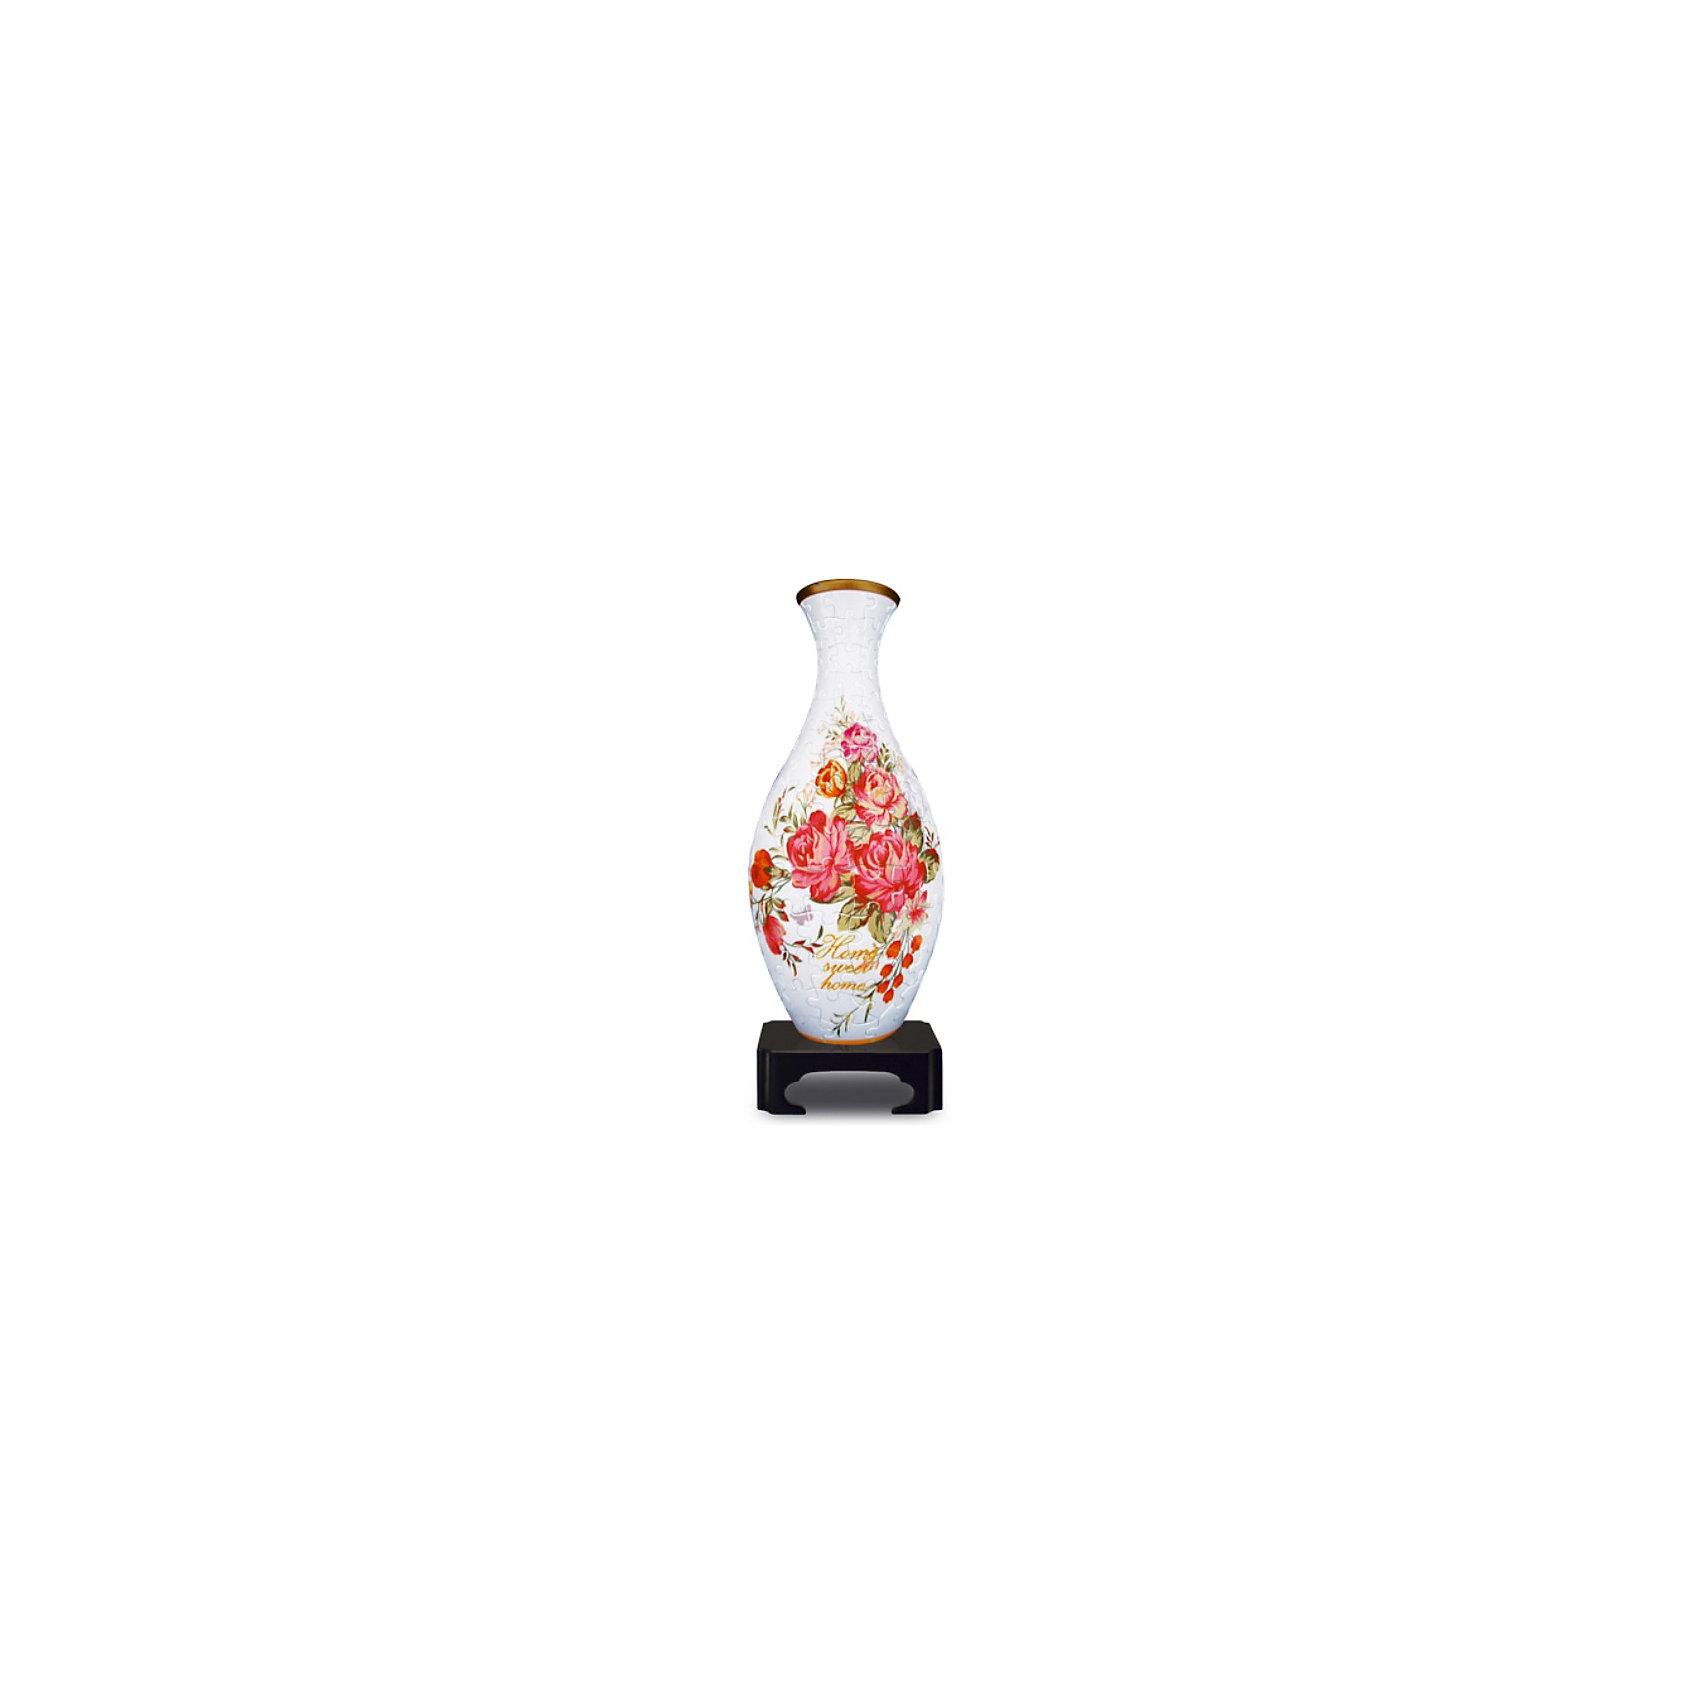 Pintoo Сфера-Пазл 3D Вазы: Бархатная Роза, 160 деталей,  Pintoo вазы